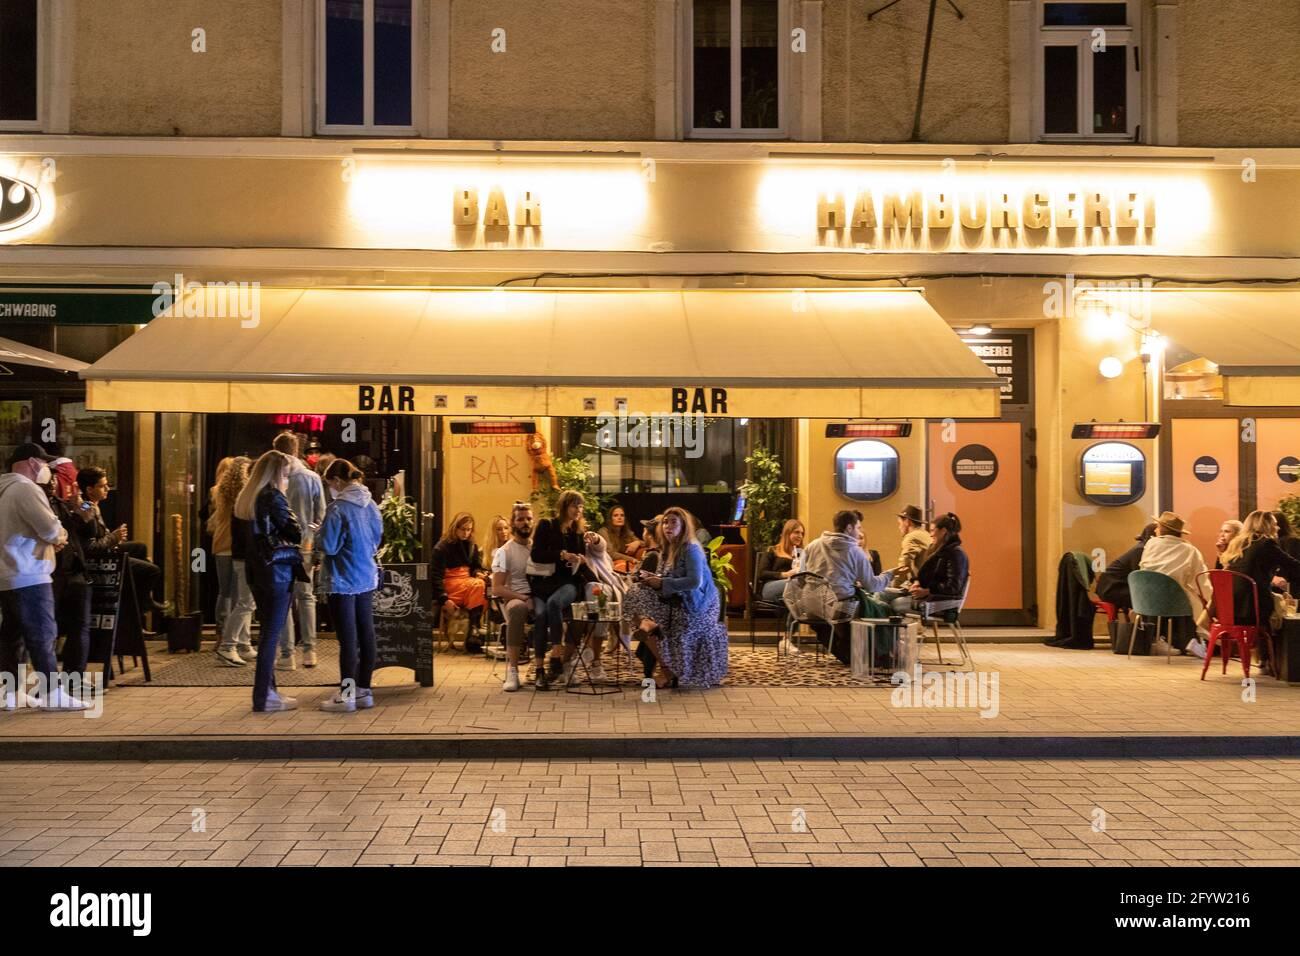 Situation am Wedekindplatz in Schwabing. Junge Menschen feiern in der Nacht vom 29. auf den 30. Mai 2021 in München auf den sog. Party Hotspots. Auf dem Professor-Huber-Platz gab es einen Polizeieinsatz. Das USK führte zahlreiche Identitätsfeststellungen durch. * Situation at Wedekindplatz in Schwabing. Young people party during the night between May 29 and May 30, 2021 in the so called Party-hotspots in Munich, Germany. At Professor-Huber-Platz the special unit of the police USK controlled several identities. (Photo by Alexander Pohl/Sipa USA) Credit: Sipa USA/Alamy Live News Stock Photo